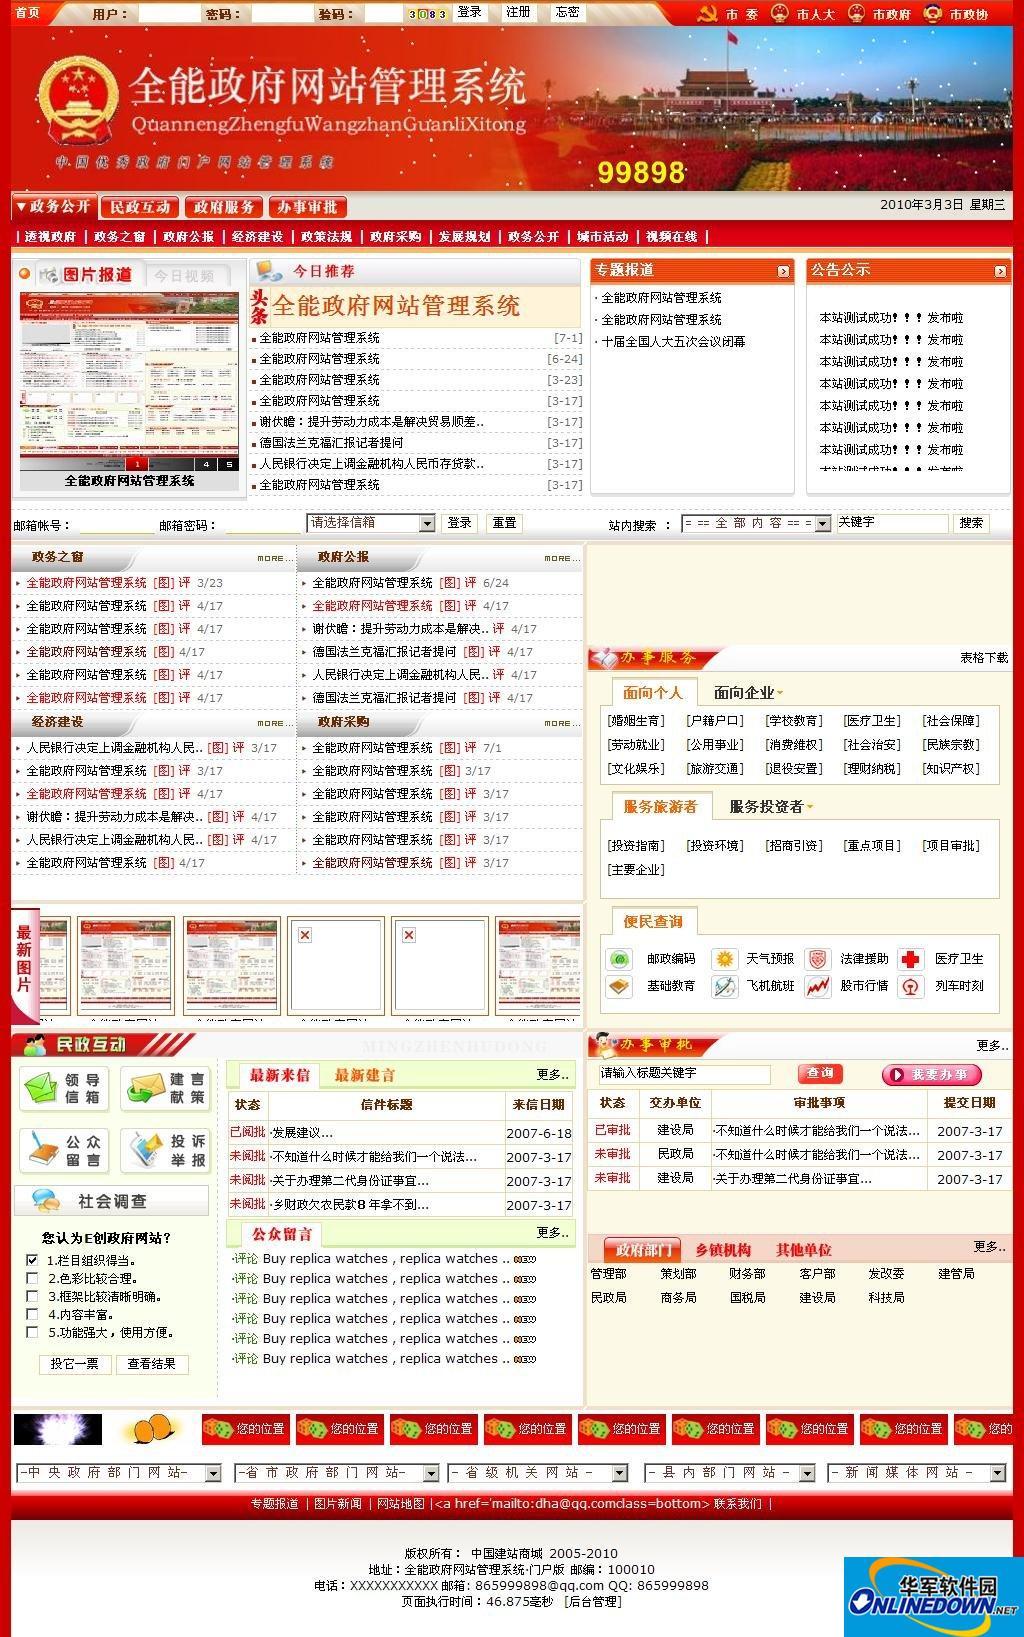 全能政府网站管理系统 2010